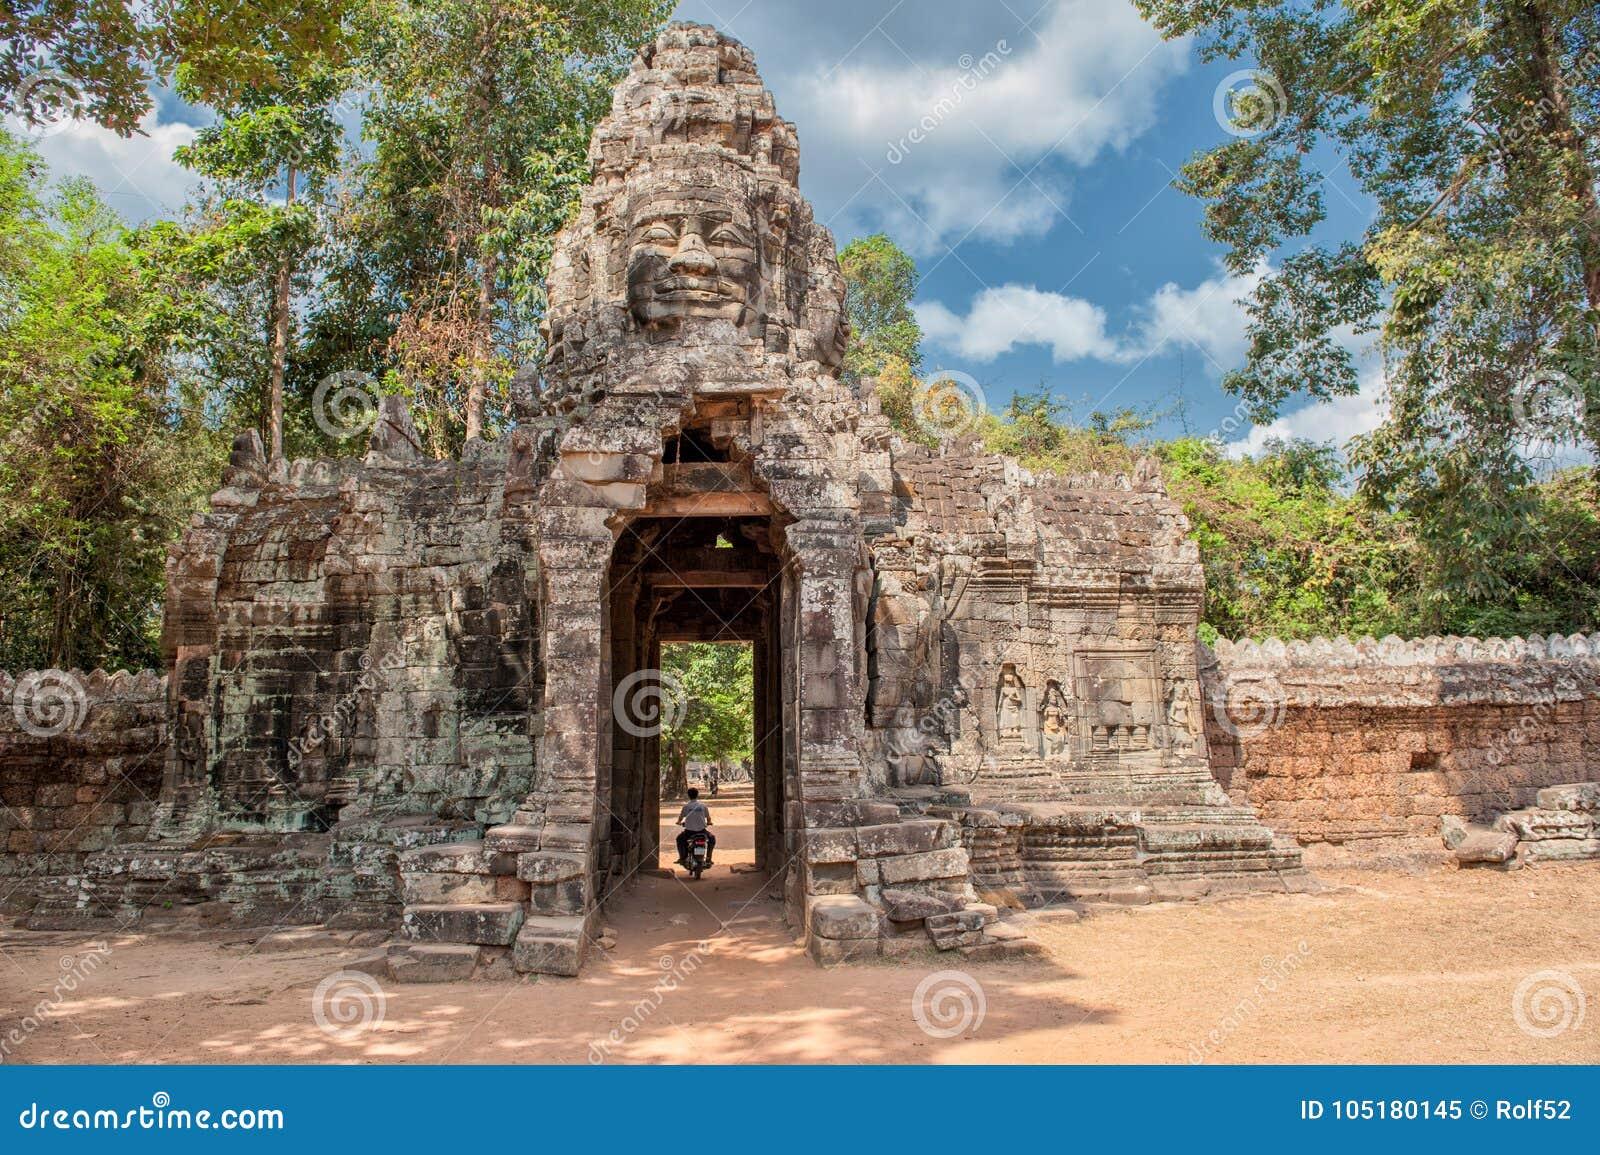 Eastern gate of Banteay Kdei in Siem Reap, Cambodia